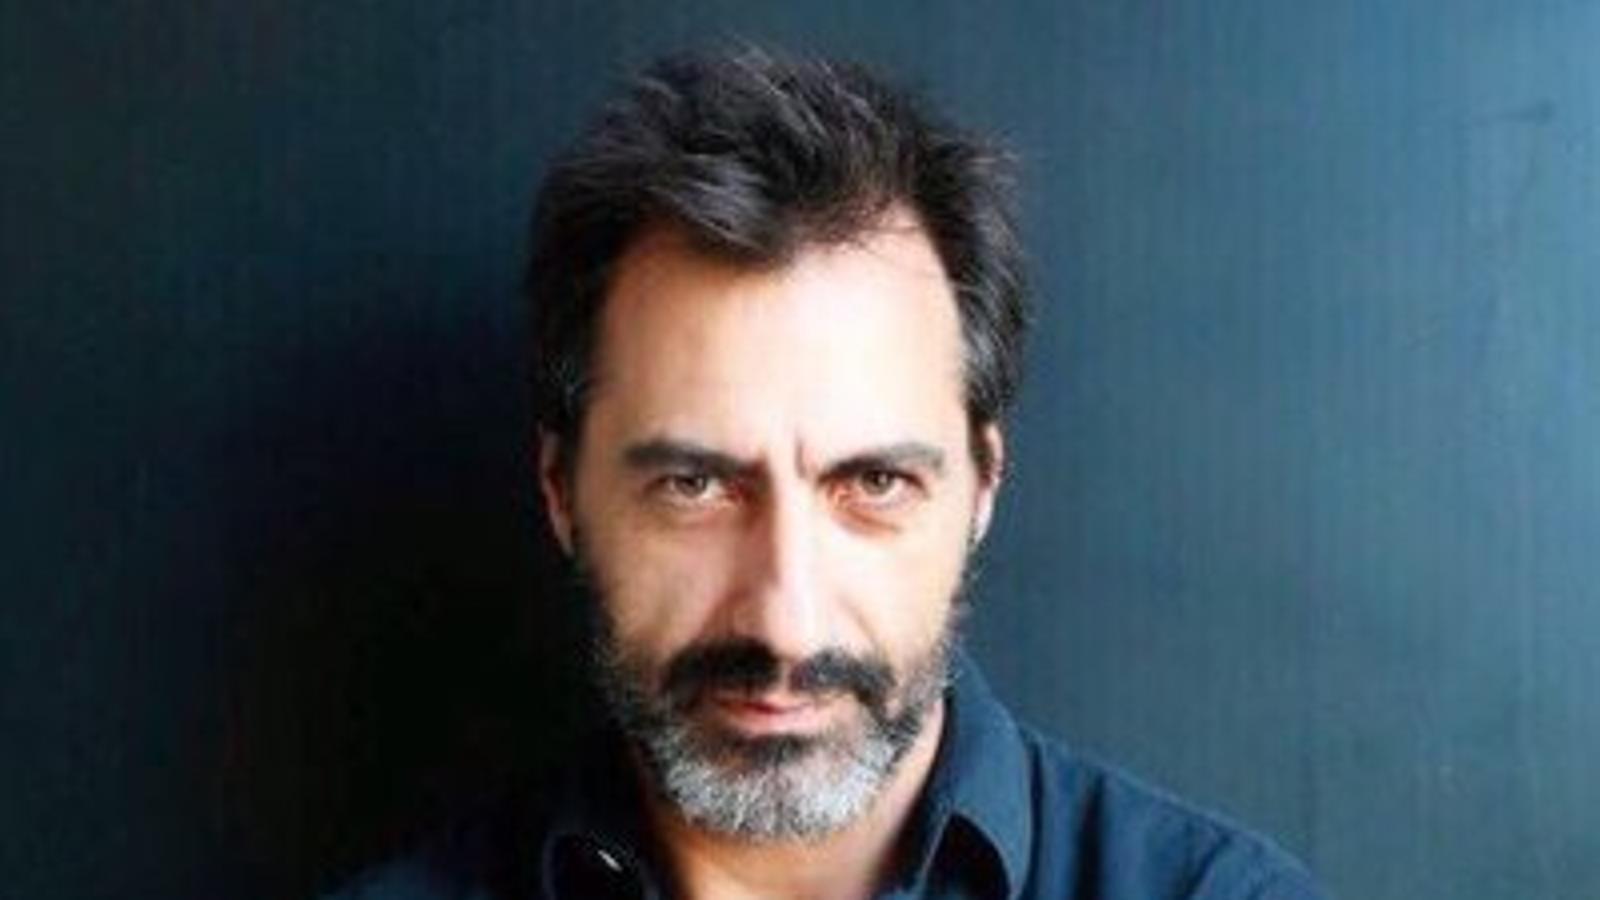 Juan del Val rep el premi Primavera 2019 amb una novel·la urbana en clau de comèdia